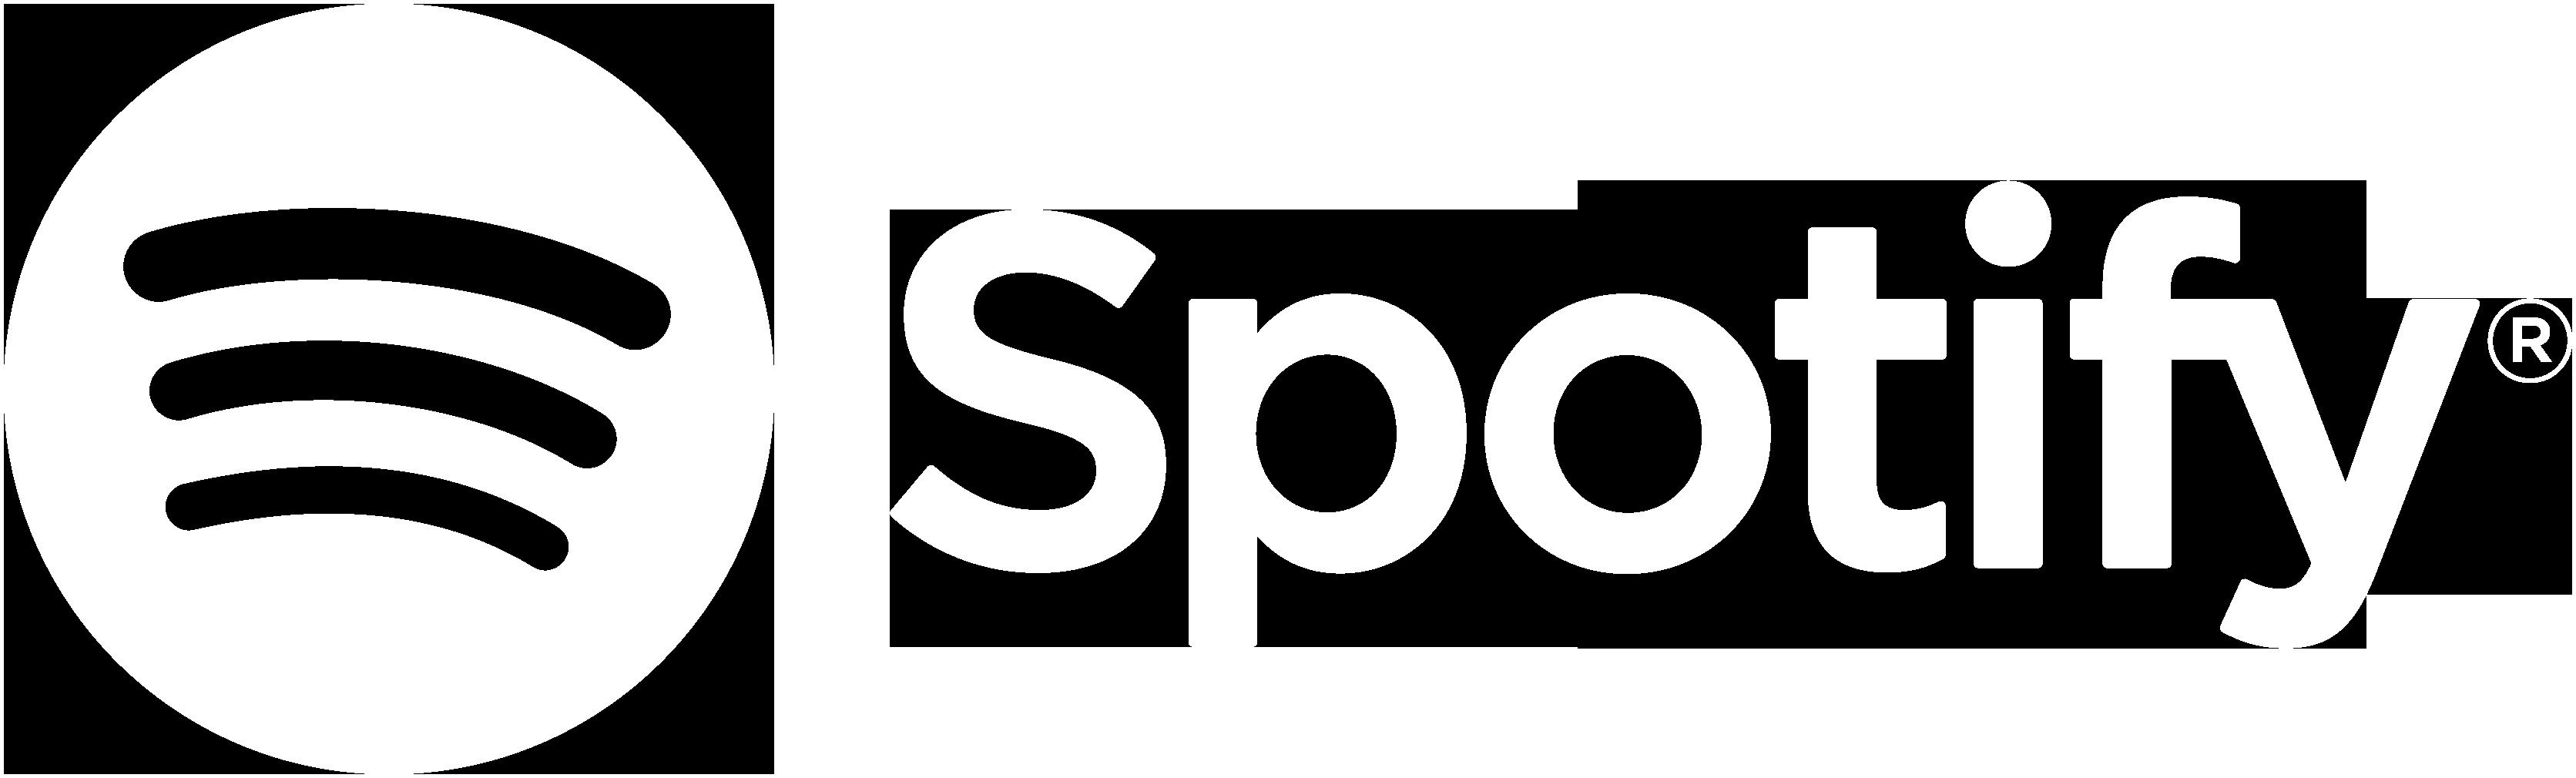 Spotify Logo Png.